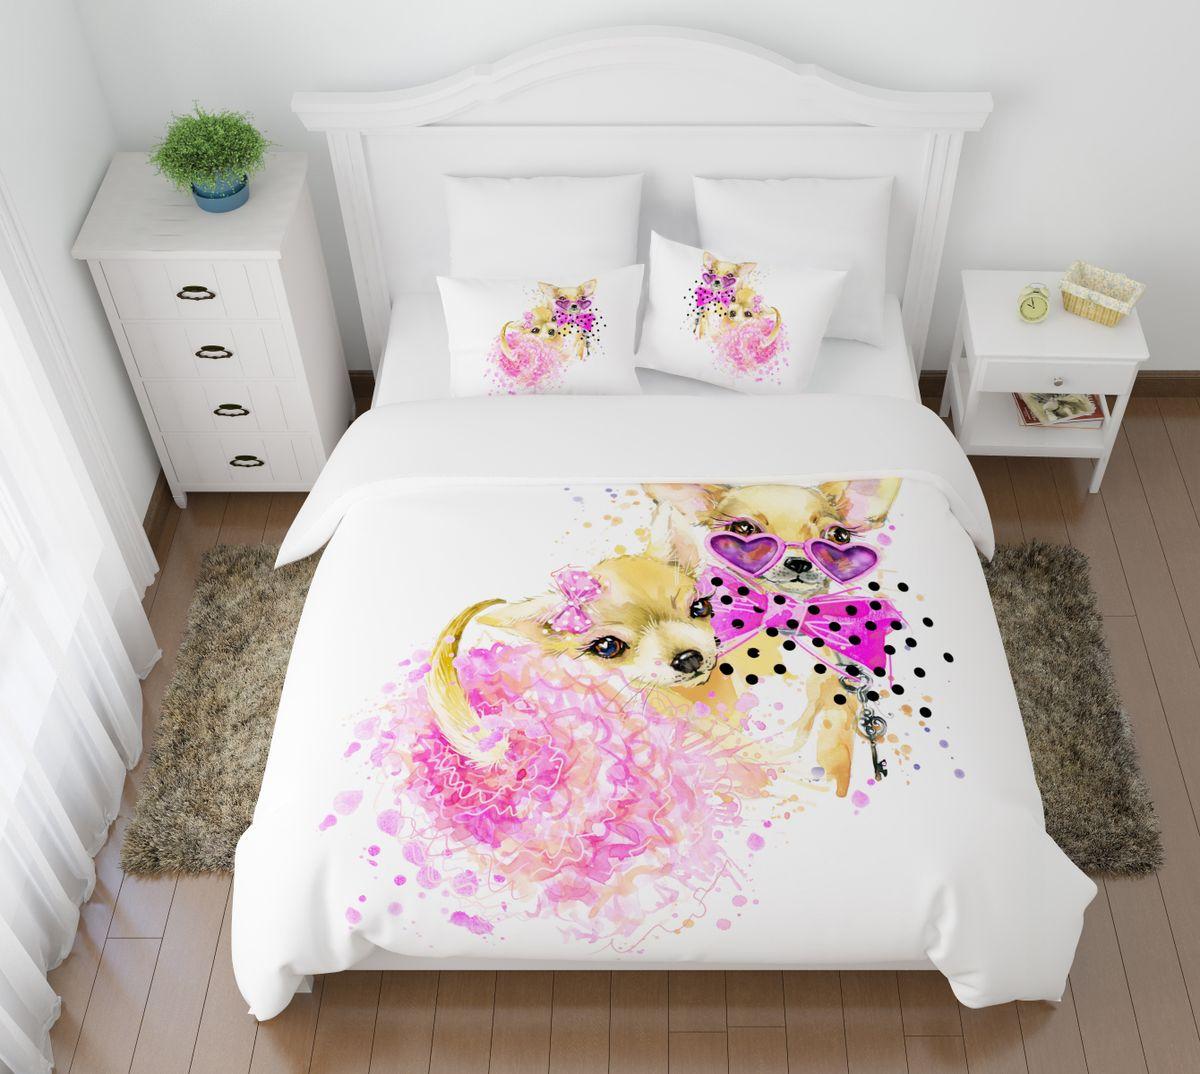 Комплект белья Сирень Гламур, 2-спальный, наволочки 50х7004916-КПБ2-МКомплект постельного белья Сирень выполнен из прочной и мягкой ткани. Четкий и стильный рисунок в сочетании с насыщенными красками делают комплект постельного белья неповторимой изюминкой любого интерьера.Постельное белье идеально подойдет для подарка. Идеальное соотношение смешенной ткани и гипоаллергенных красок - это гарантия здорового, спокойного сна. Ткань хорошо впитывает влагу, надолго сохраняет яркость красок.В комплект входят: простынь, пододеяльник, две наволочки. Постельное белье легко стирать при 30-40°С, гладить при 150°С, не отбеливать. Рекомендуется перед первым использованием постирать.УВАЖАЕМЫЕ КЛИЕНТЫ! Обращаем ваше внимание, что цвет простыни, пододеяльника, наволочки в комплектации может немного отличаться от представленного на фото.